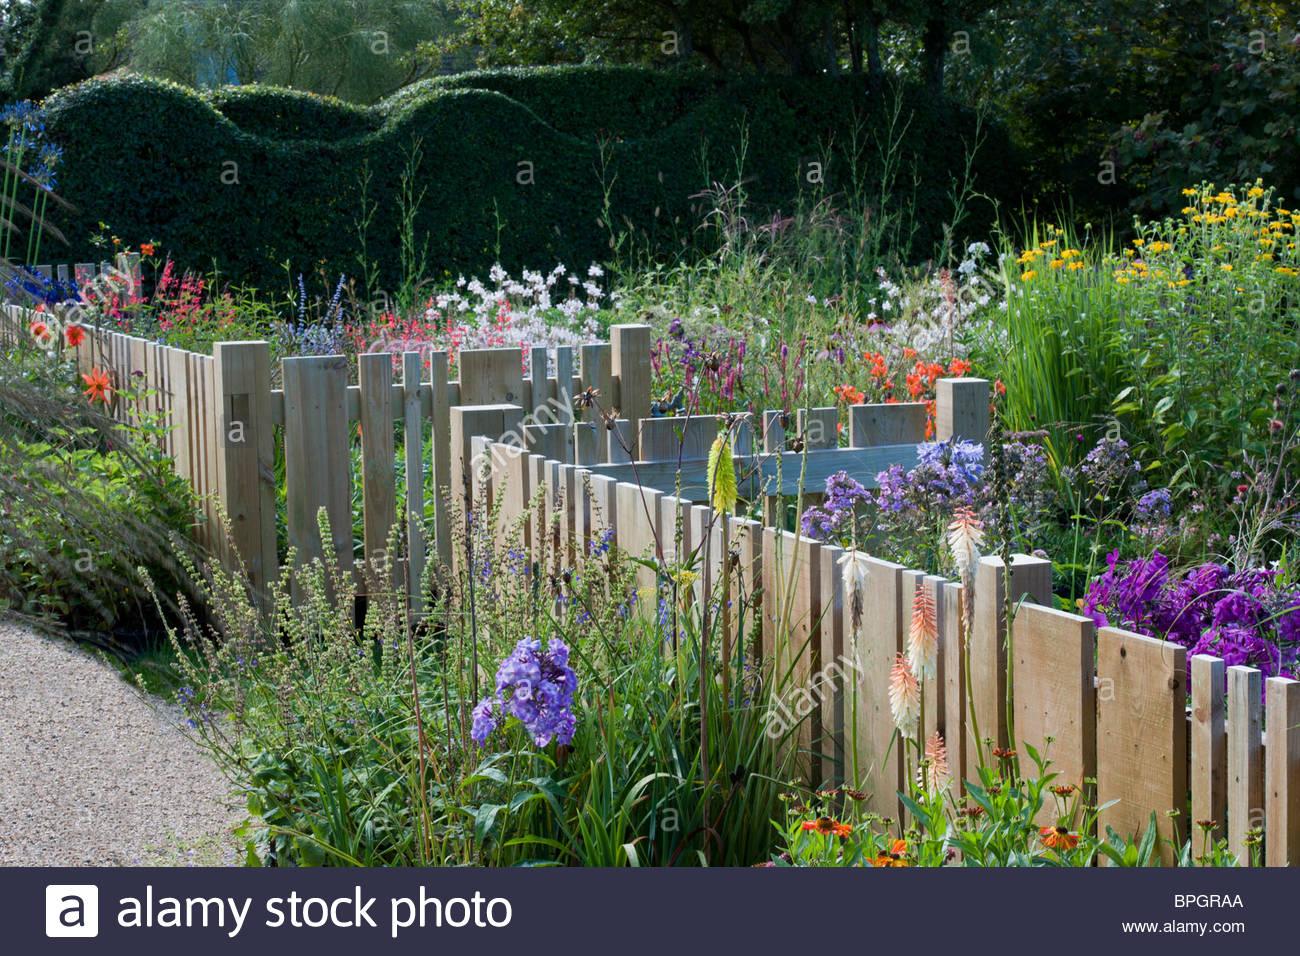 Piccolo giardino recinto in legno scherma insolito larghezze di vario flowling hedge estate fiore piante perenni Immagini Stock